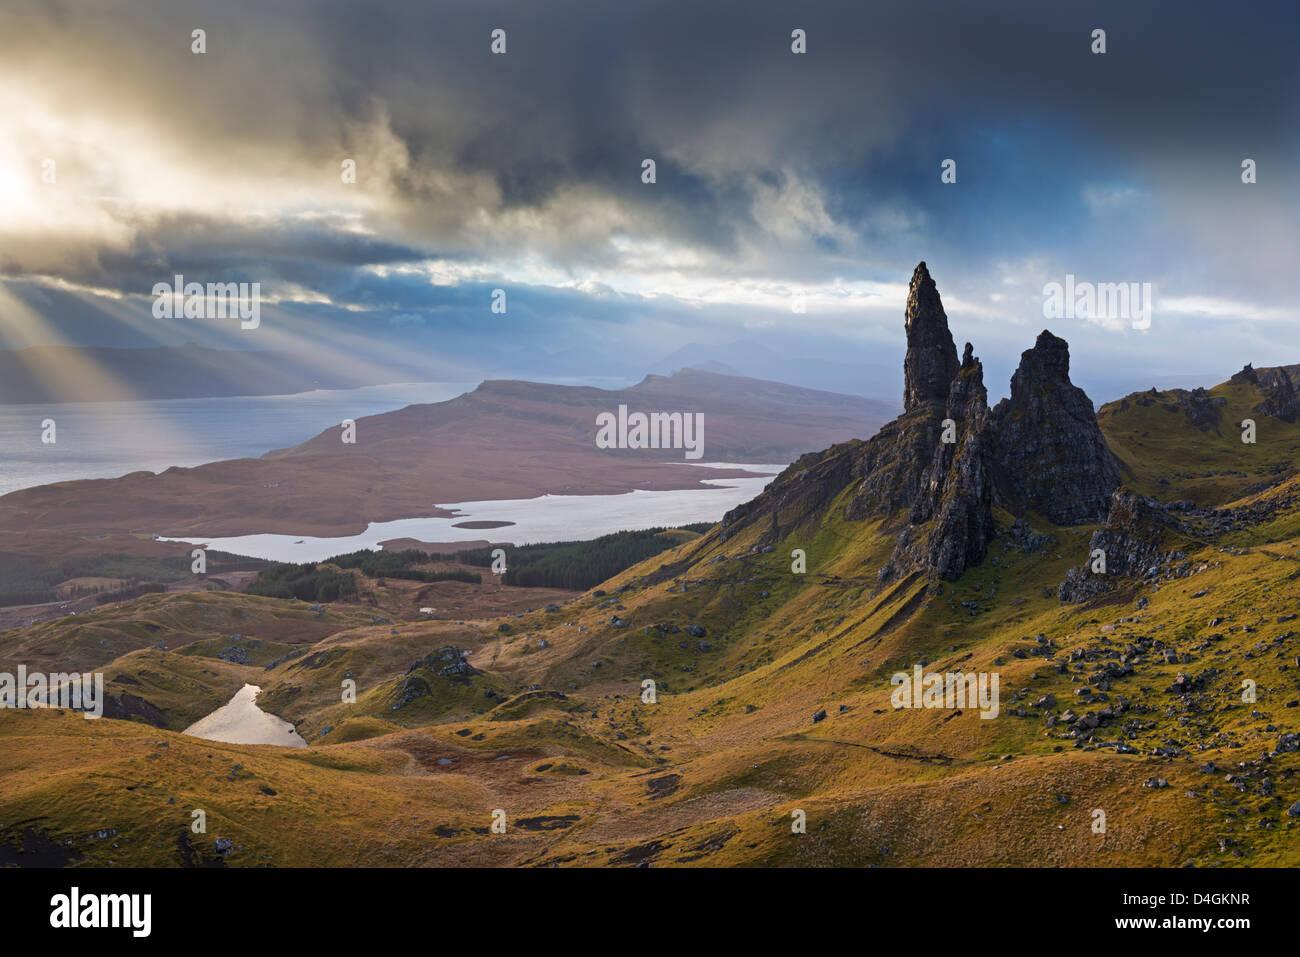 Paysage spectaculaire au vieil homme de Storr, île de Skye, en Ecosse. L'automne (novembre) 2012 Photo Stock